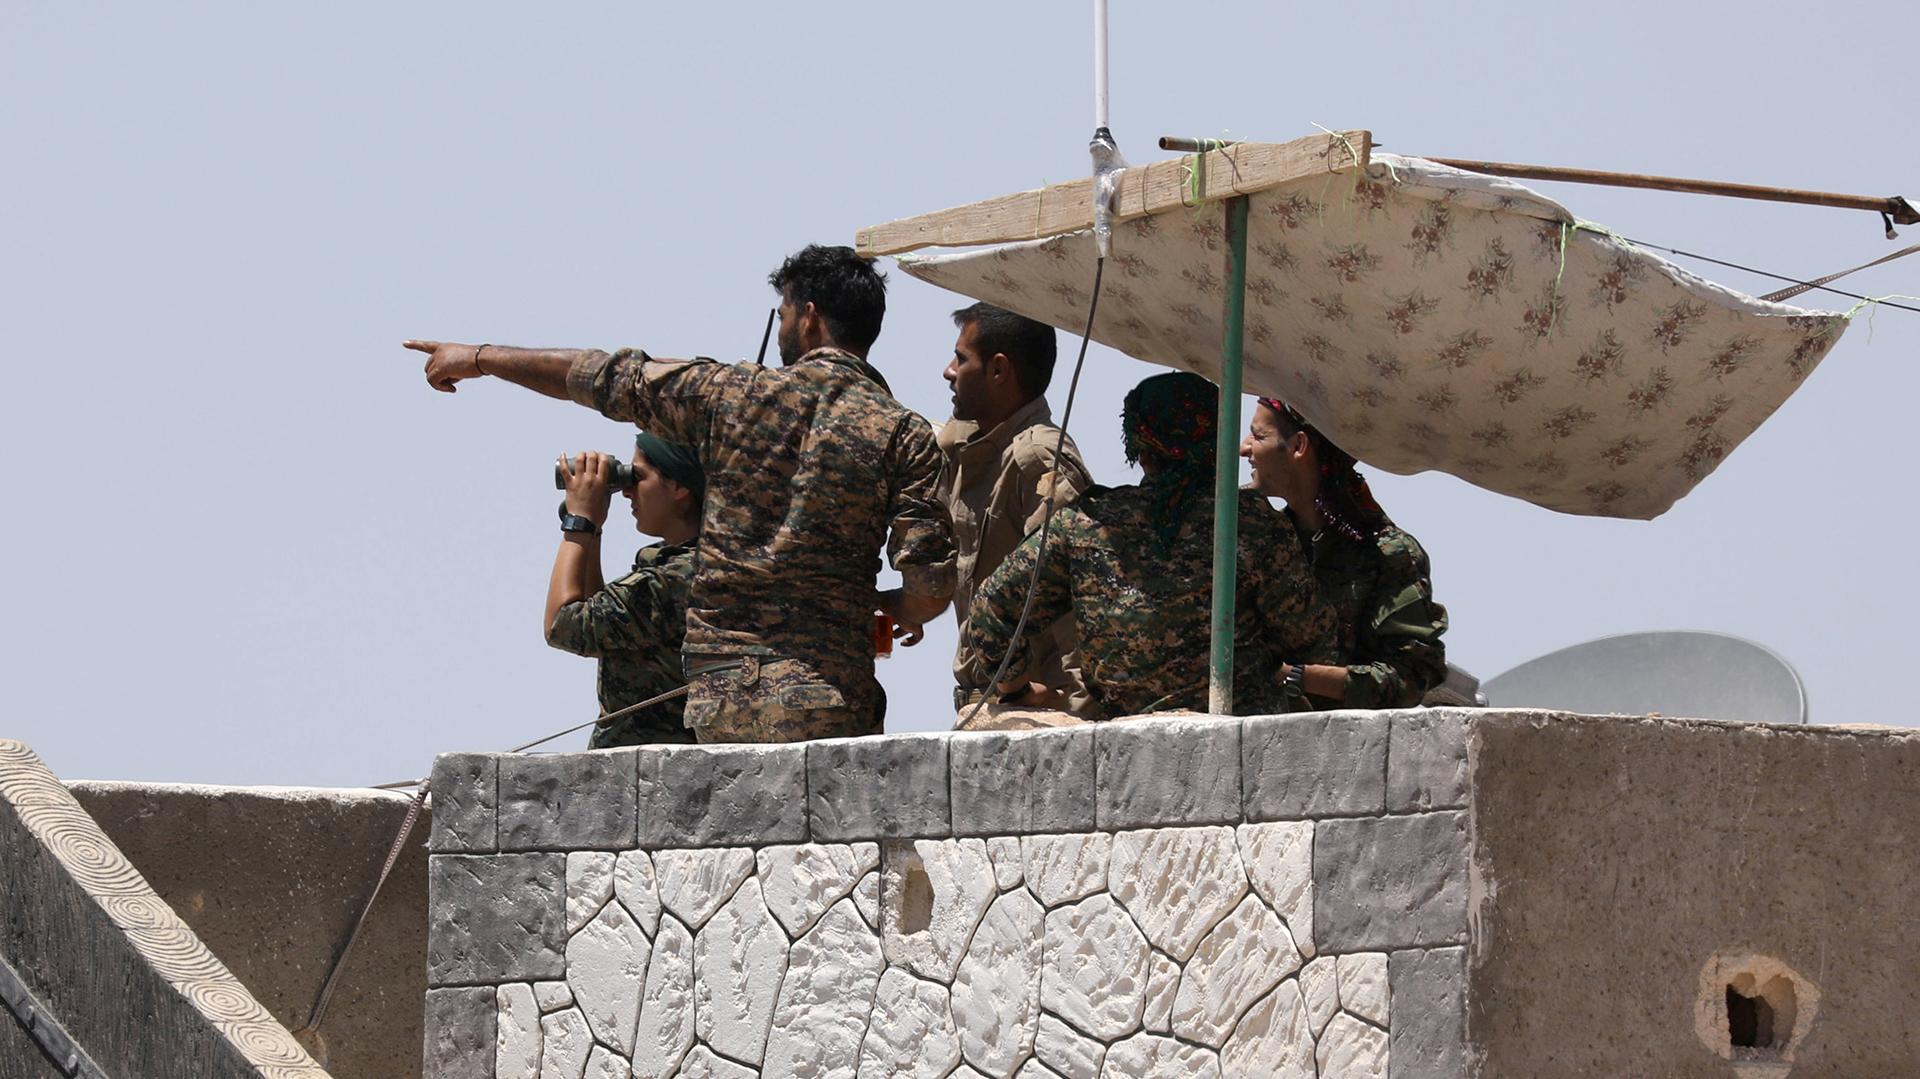 EEUU atacó el avión sirio tras el bombardeo del régimen a las Fuerzas Democráticas Sirias (Reuters)